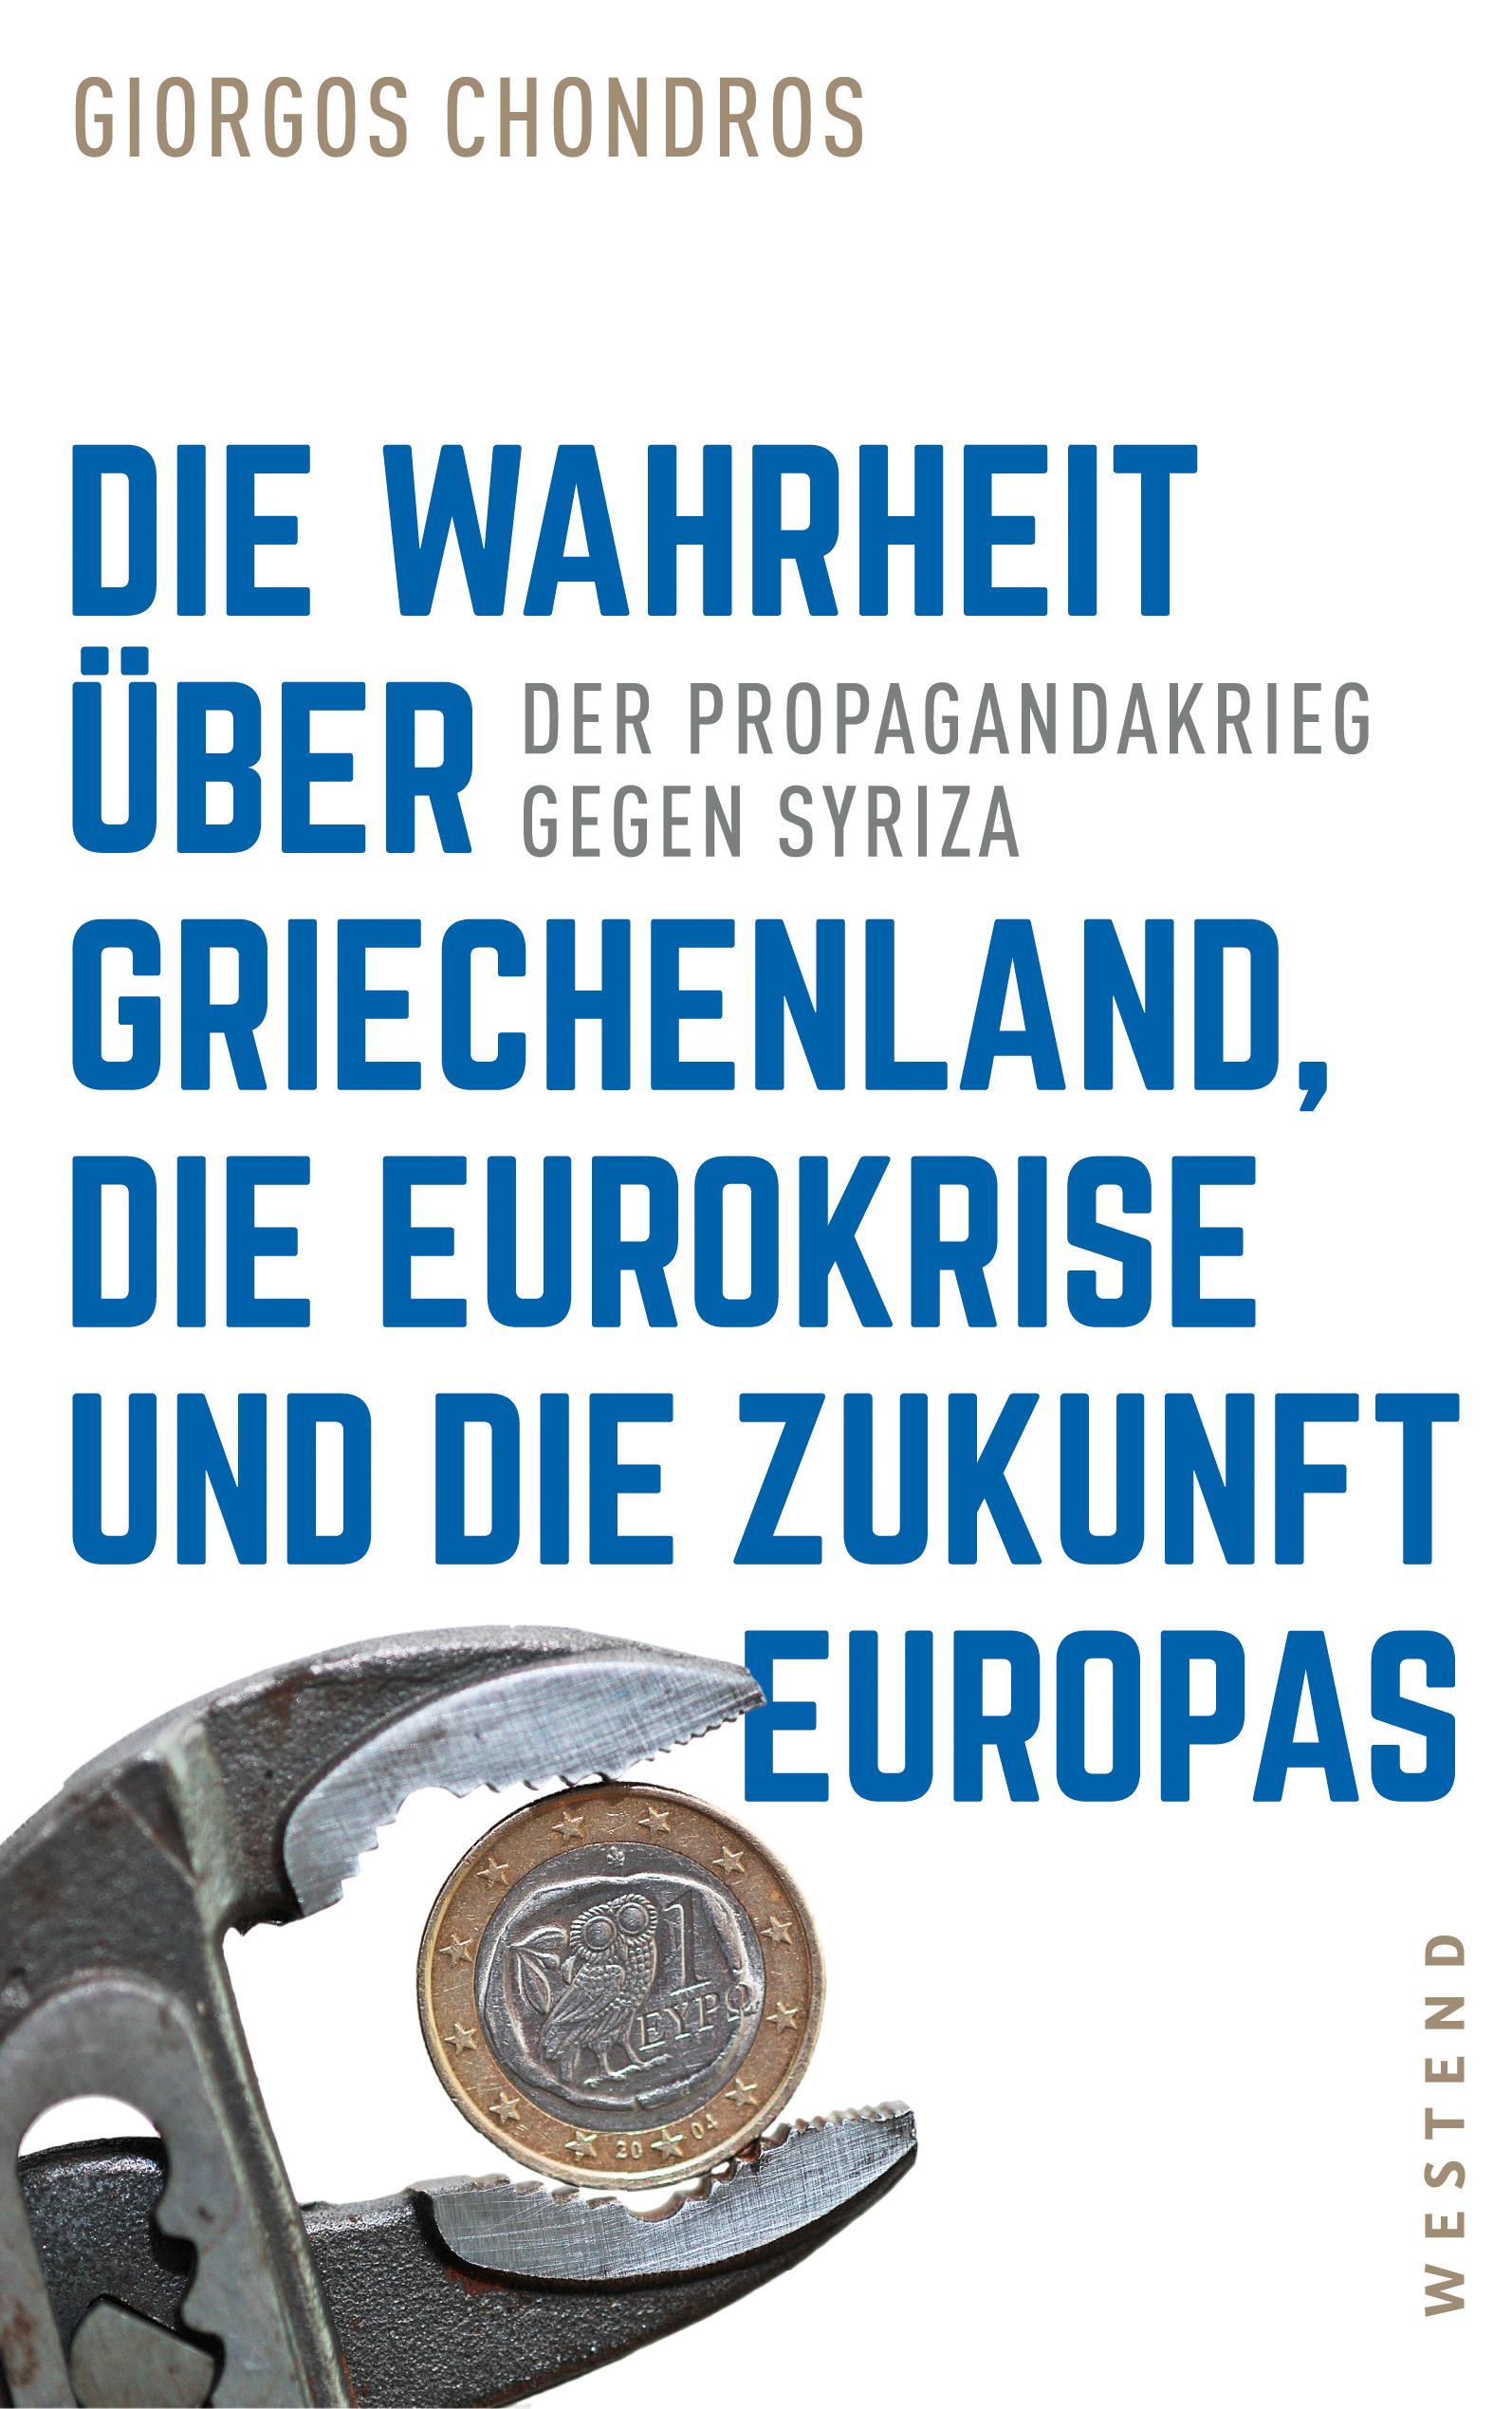 Giorgos Chondros Die Wahrheit über Griechenland, die Eurokrise und die Zukunft Europas friedrich matthäi die wirthschaftlichen hulfsquellen russlands und deren bedeutung fur die gegenwart und die zukunft volume 1 german edition